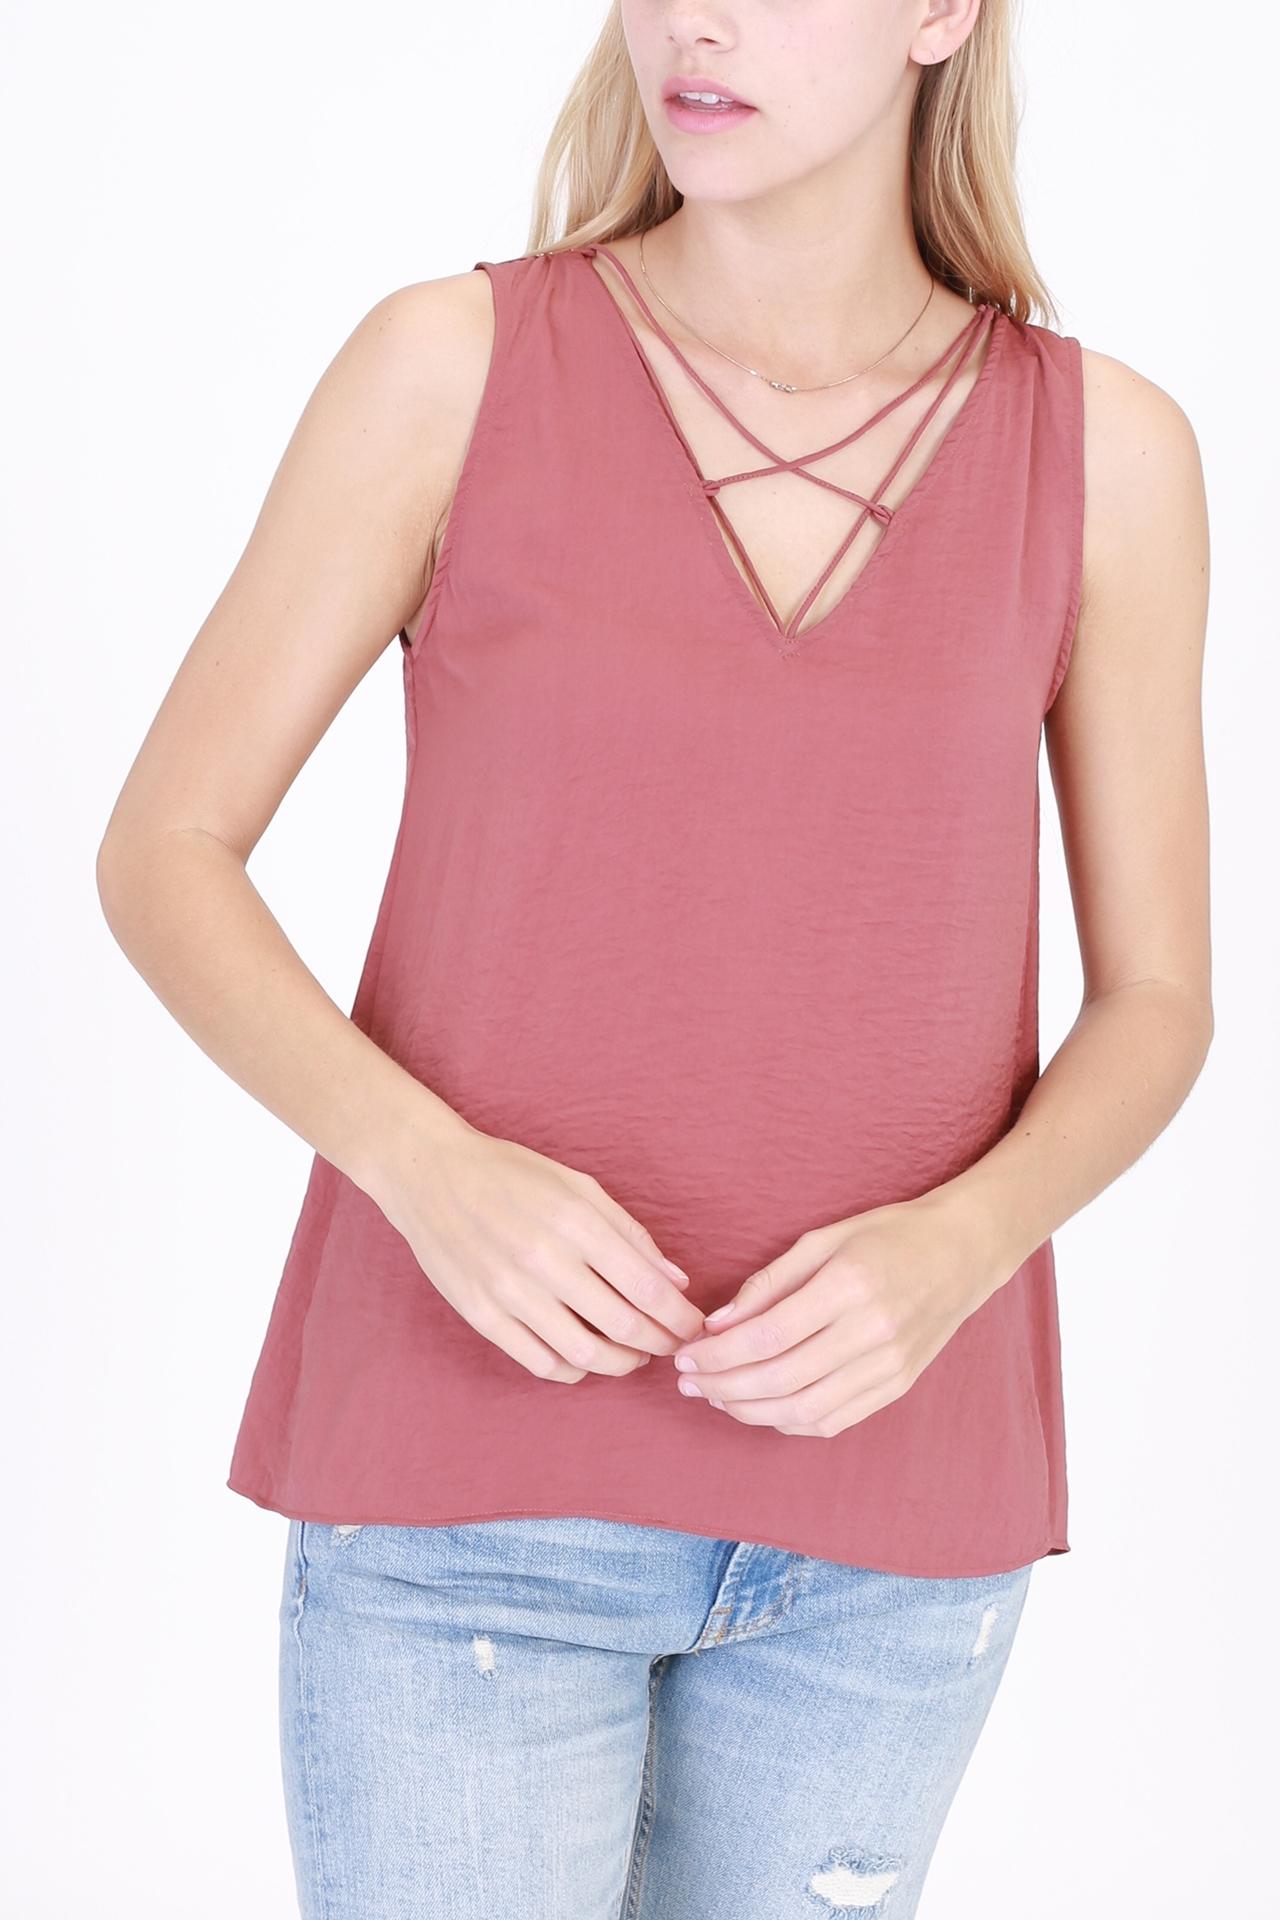 hyfve shirt 0000534_h17g925-1150.jpeg